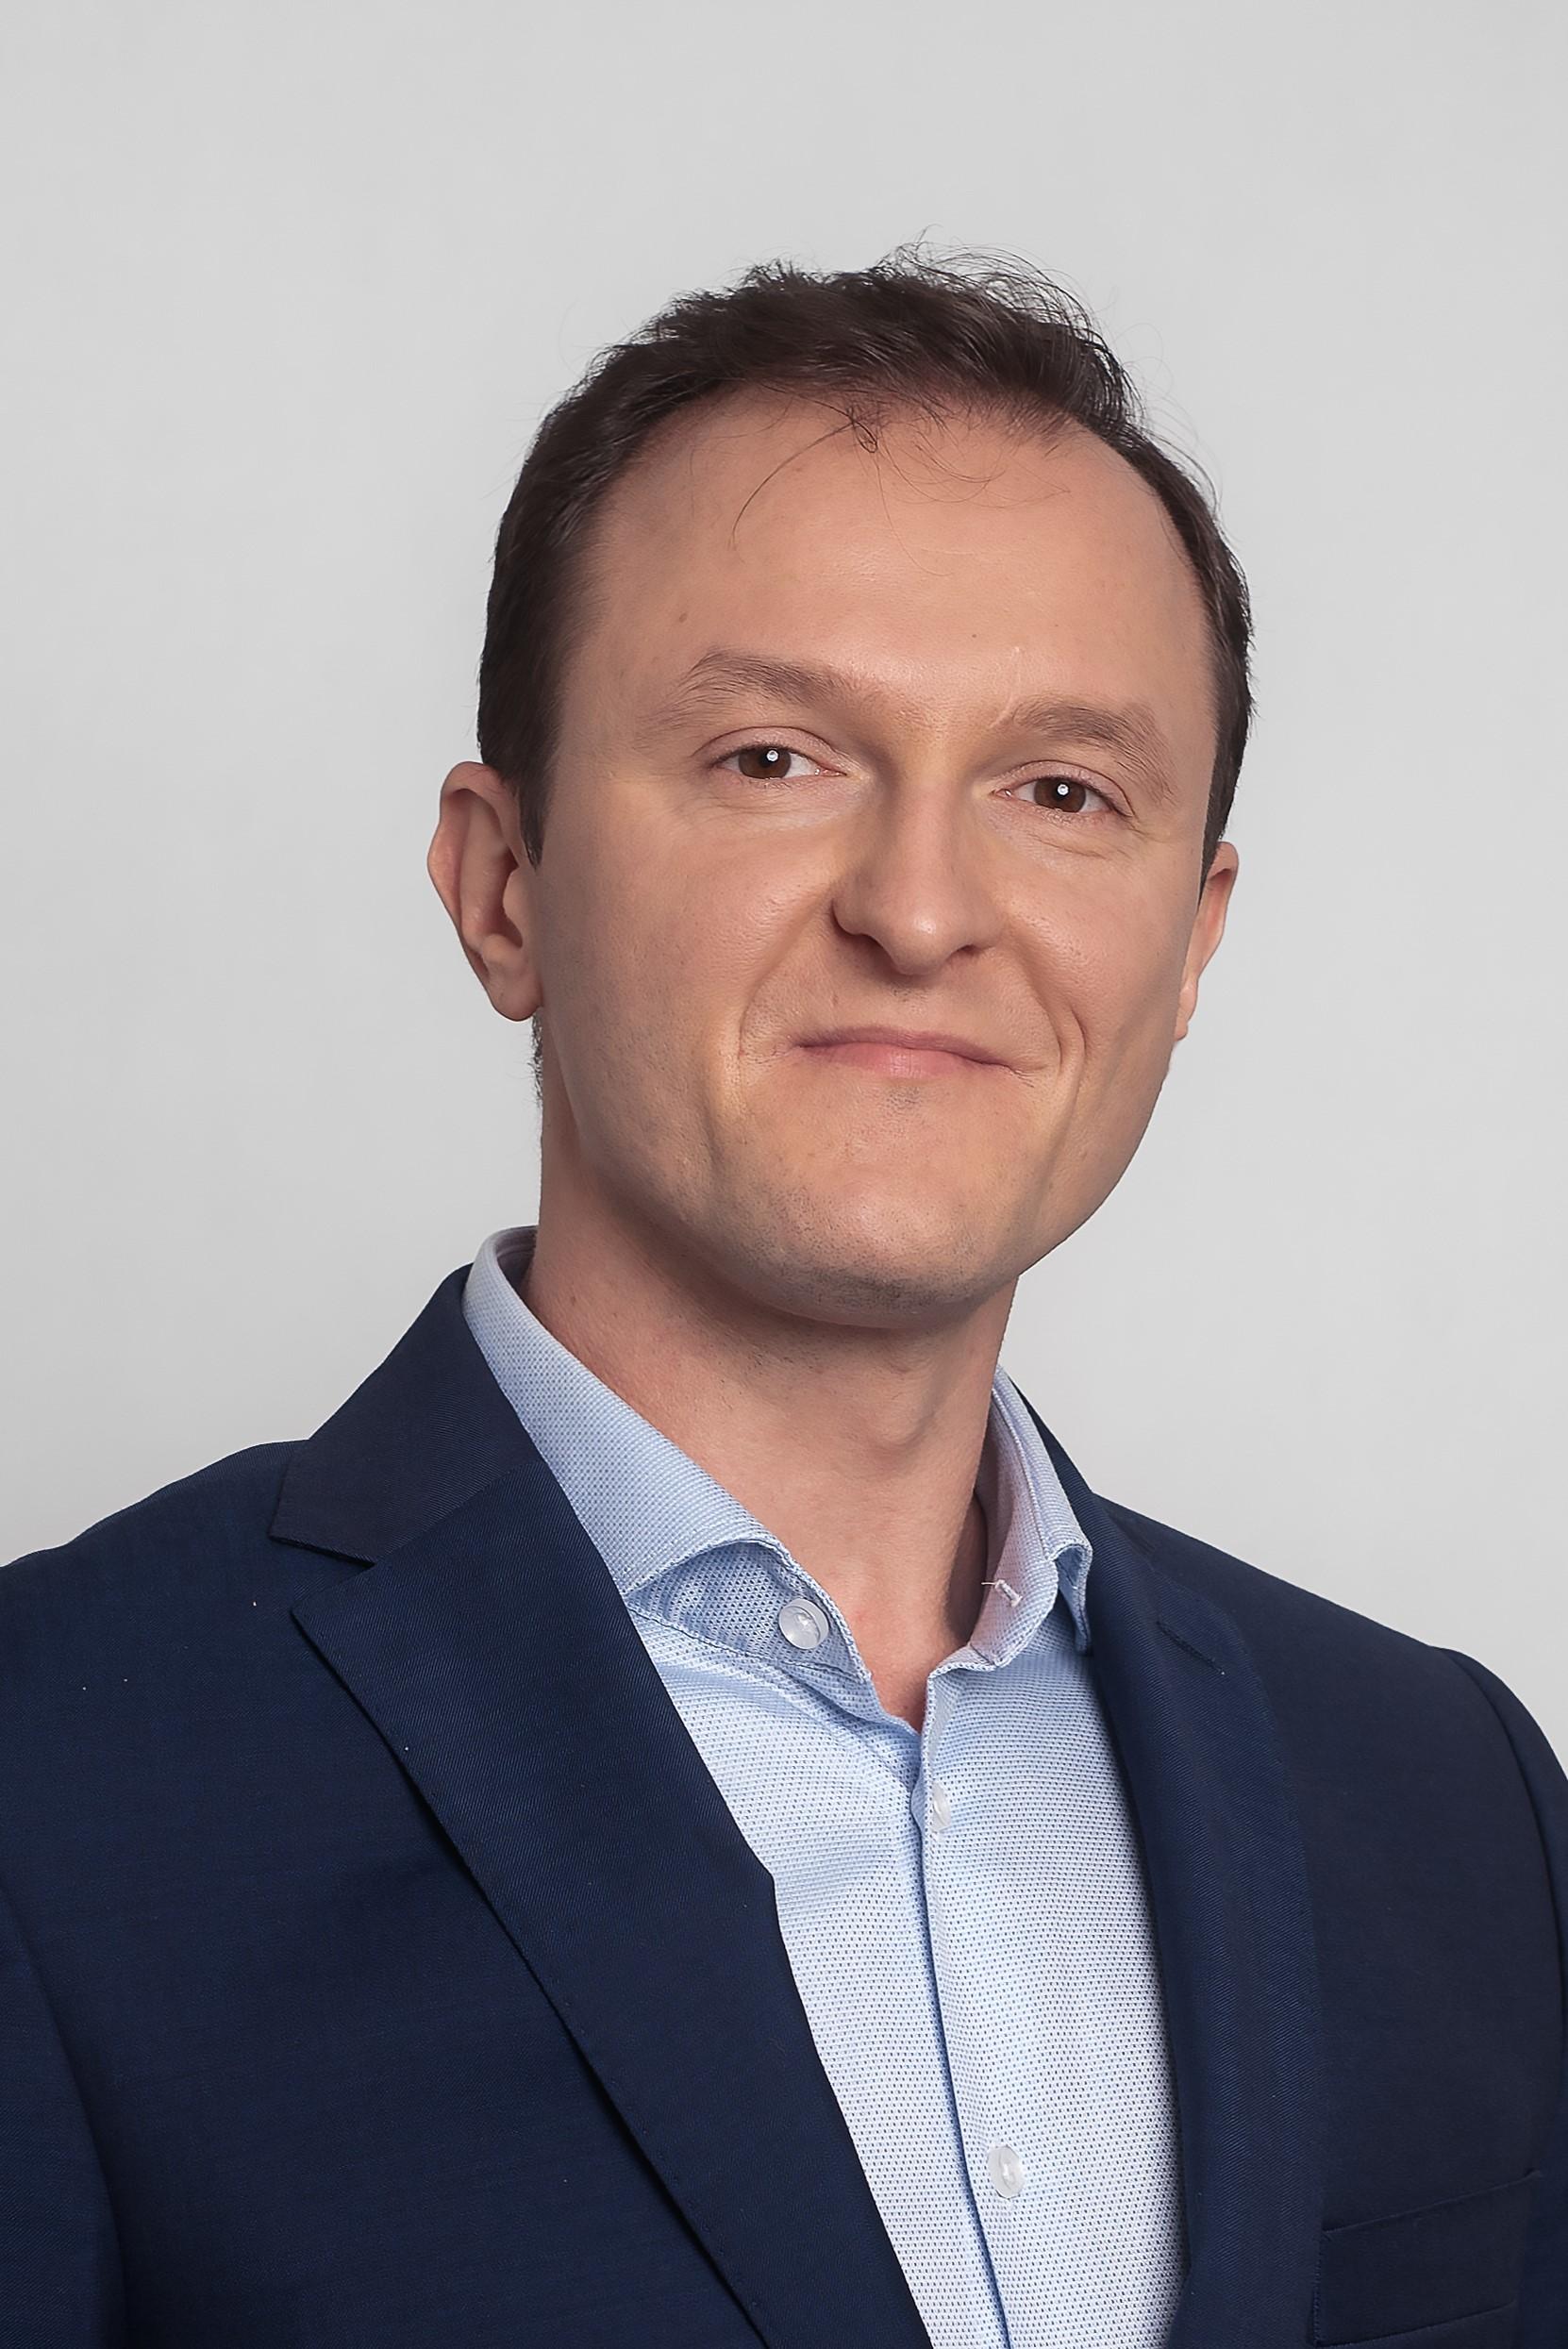 Paweł Łazarewicz